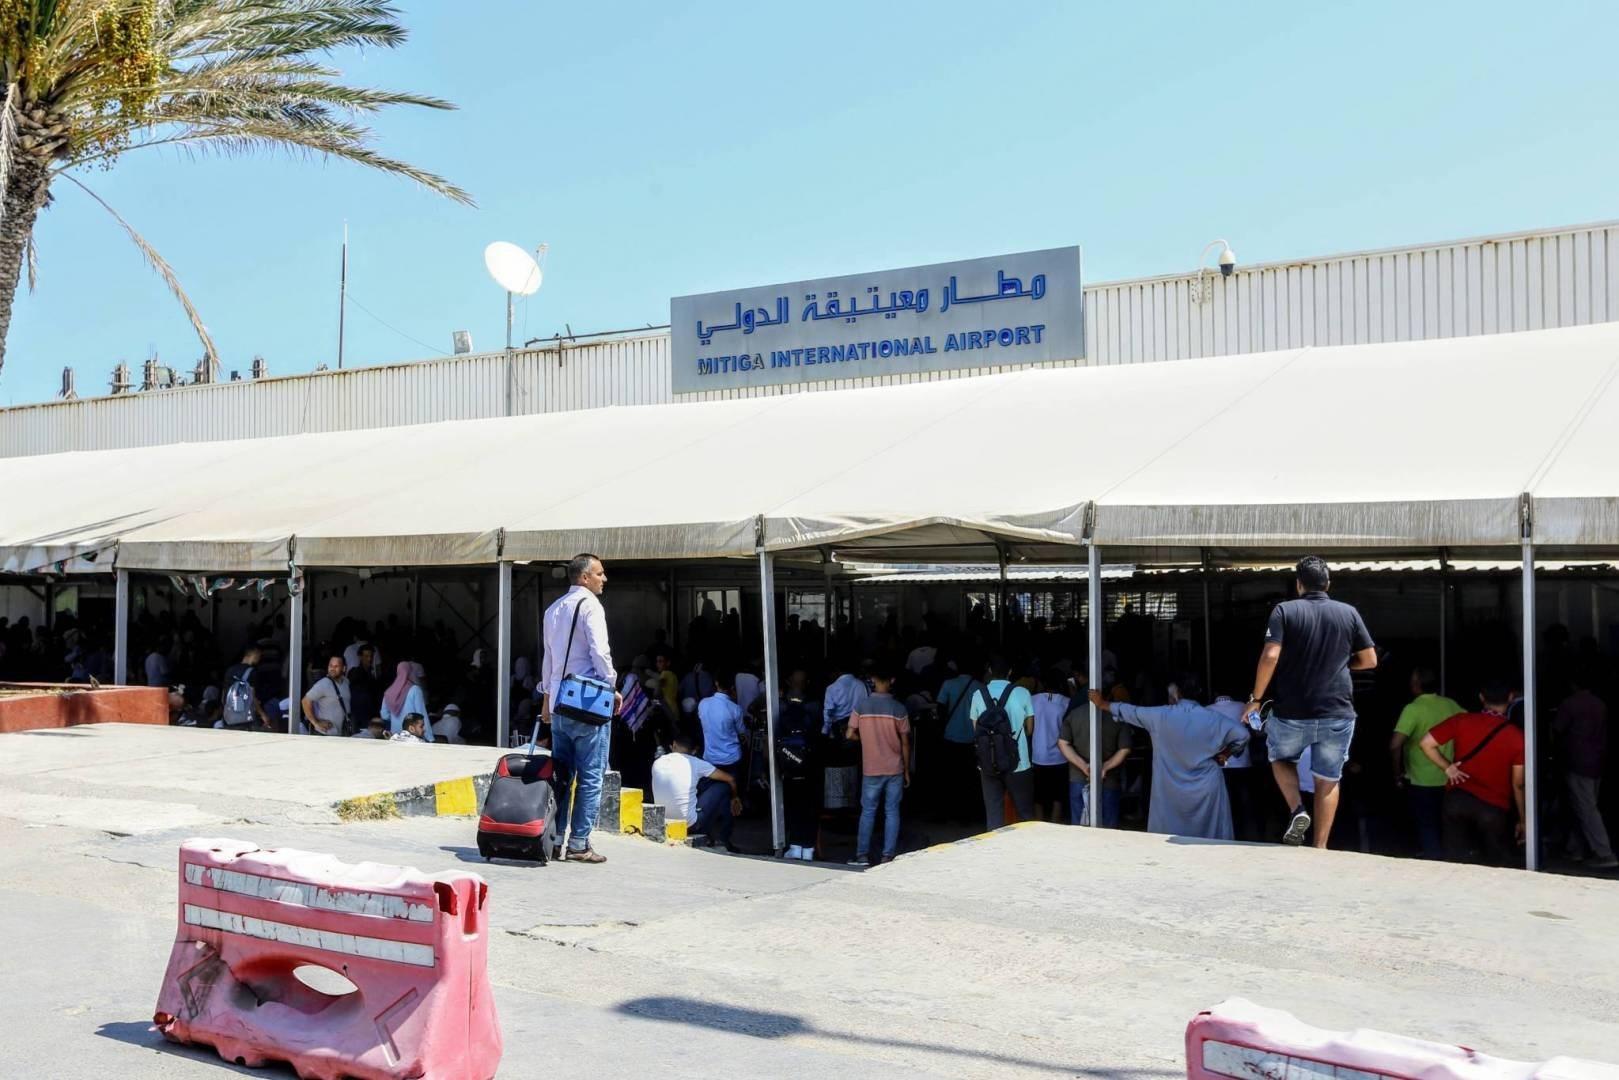 ليبيا: تعليق الملاحة الجوية في مطار معيتيقة بعد تعرضه لهجوم صاروخي